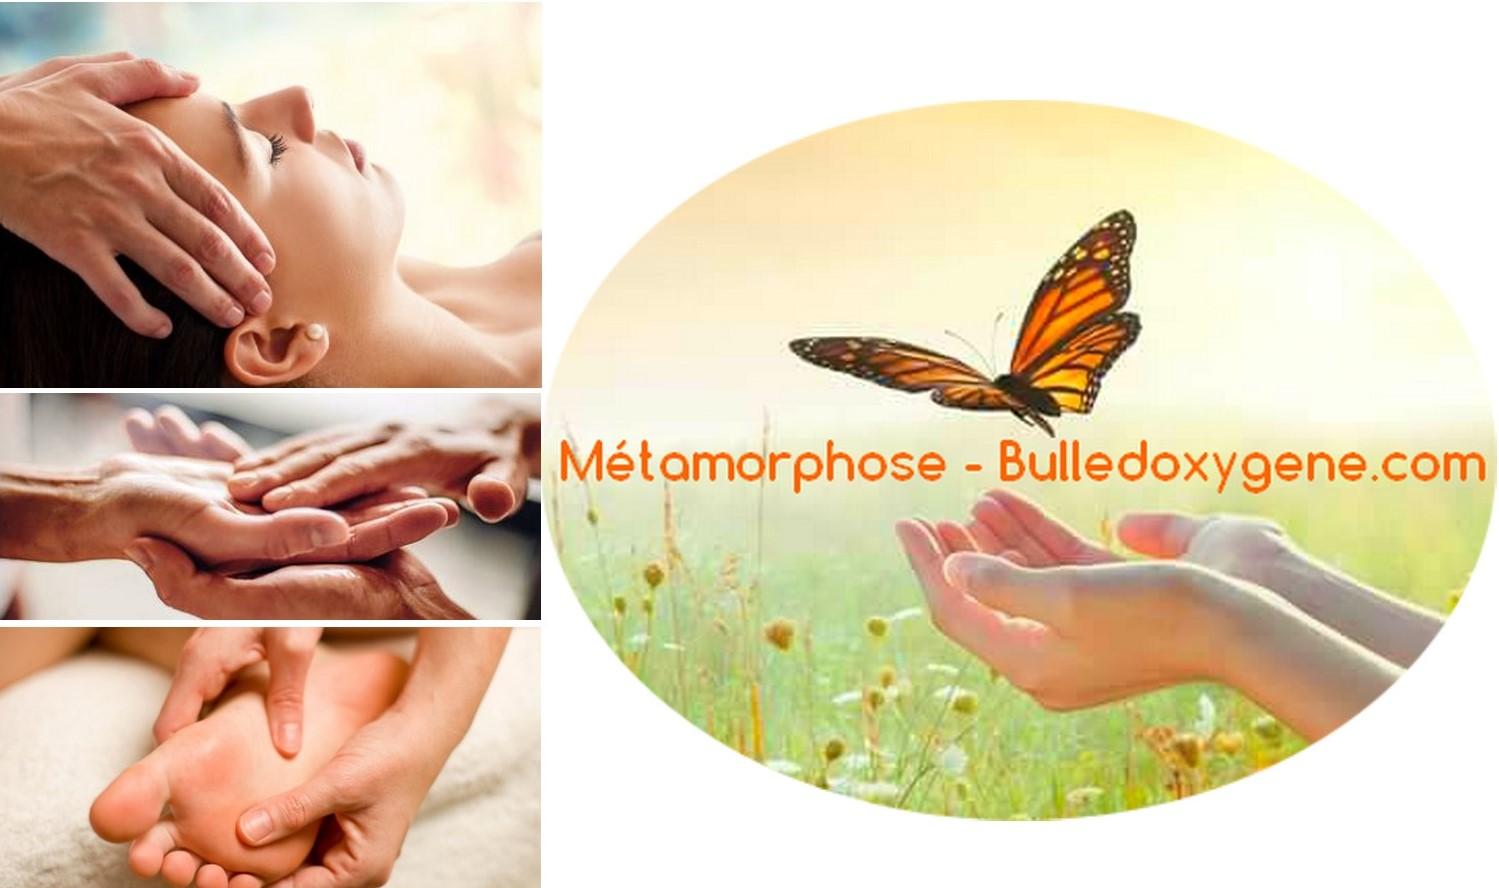 Métamorphose - Bulledoxygene.com